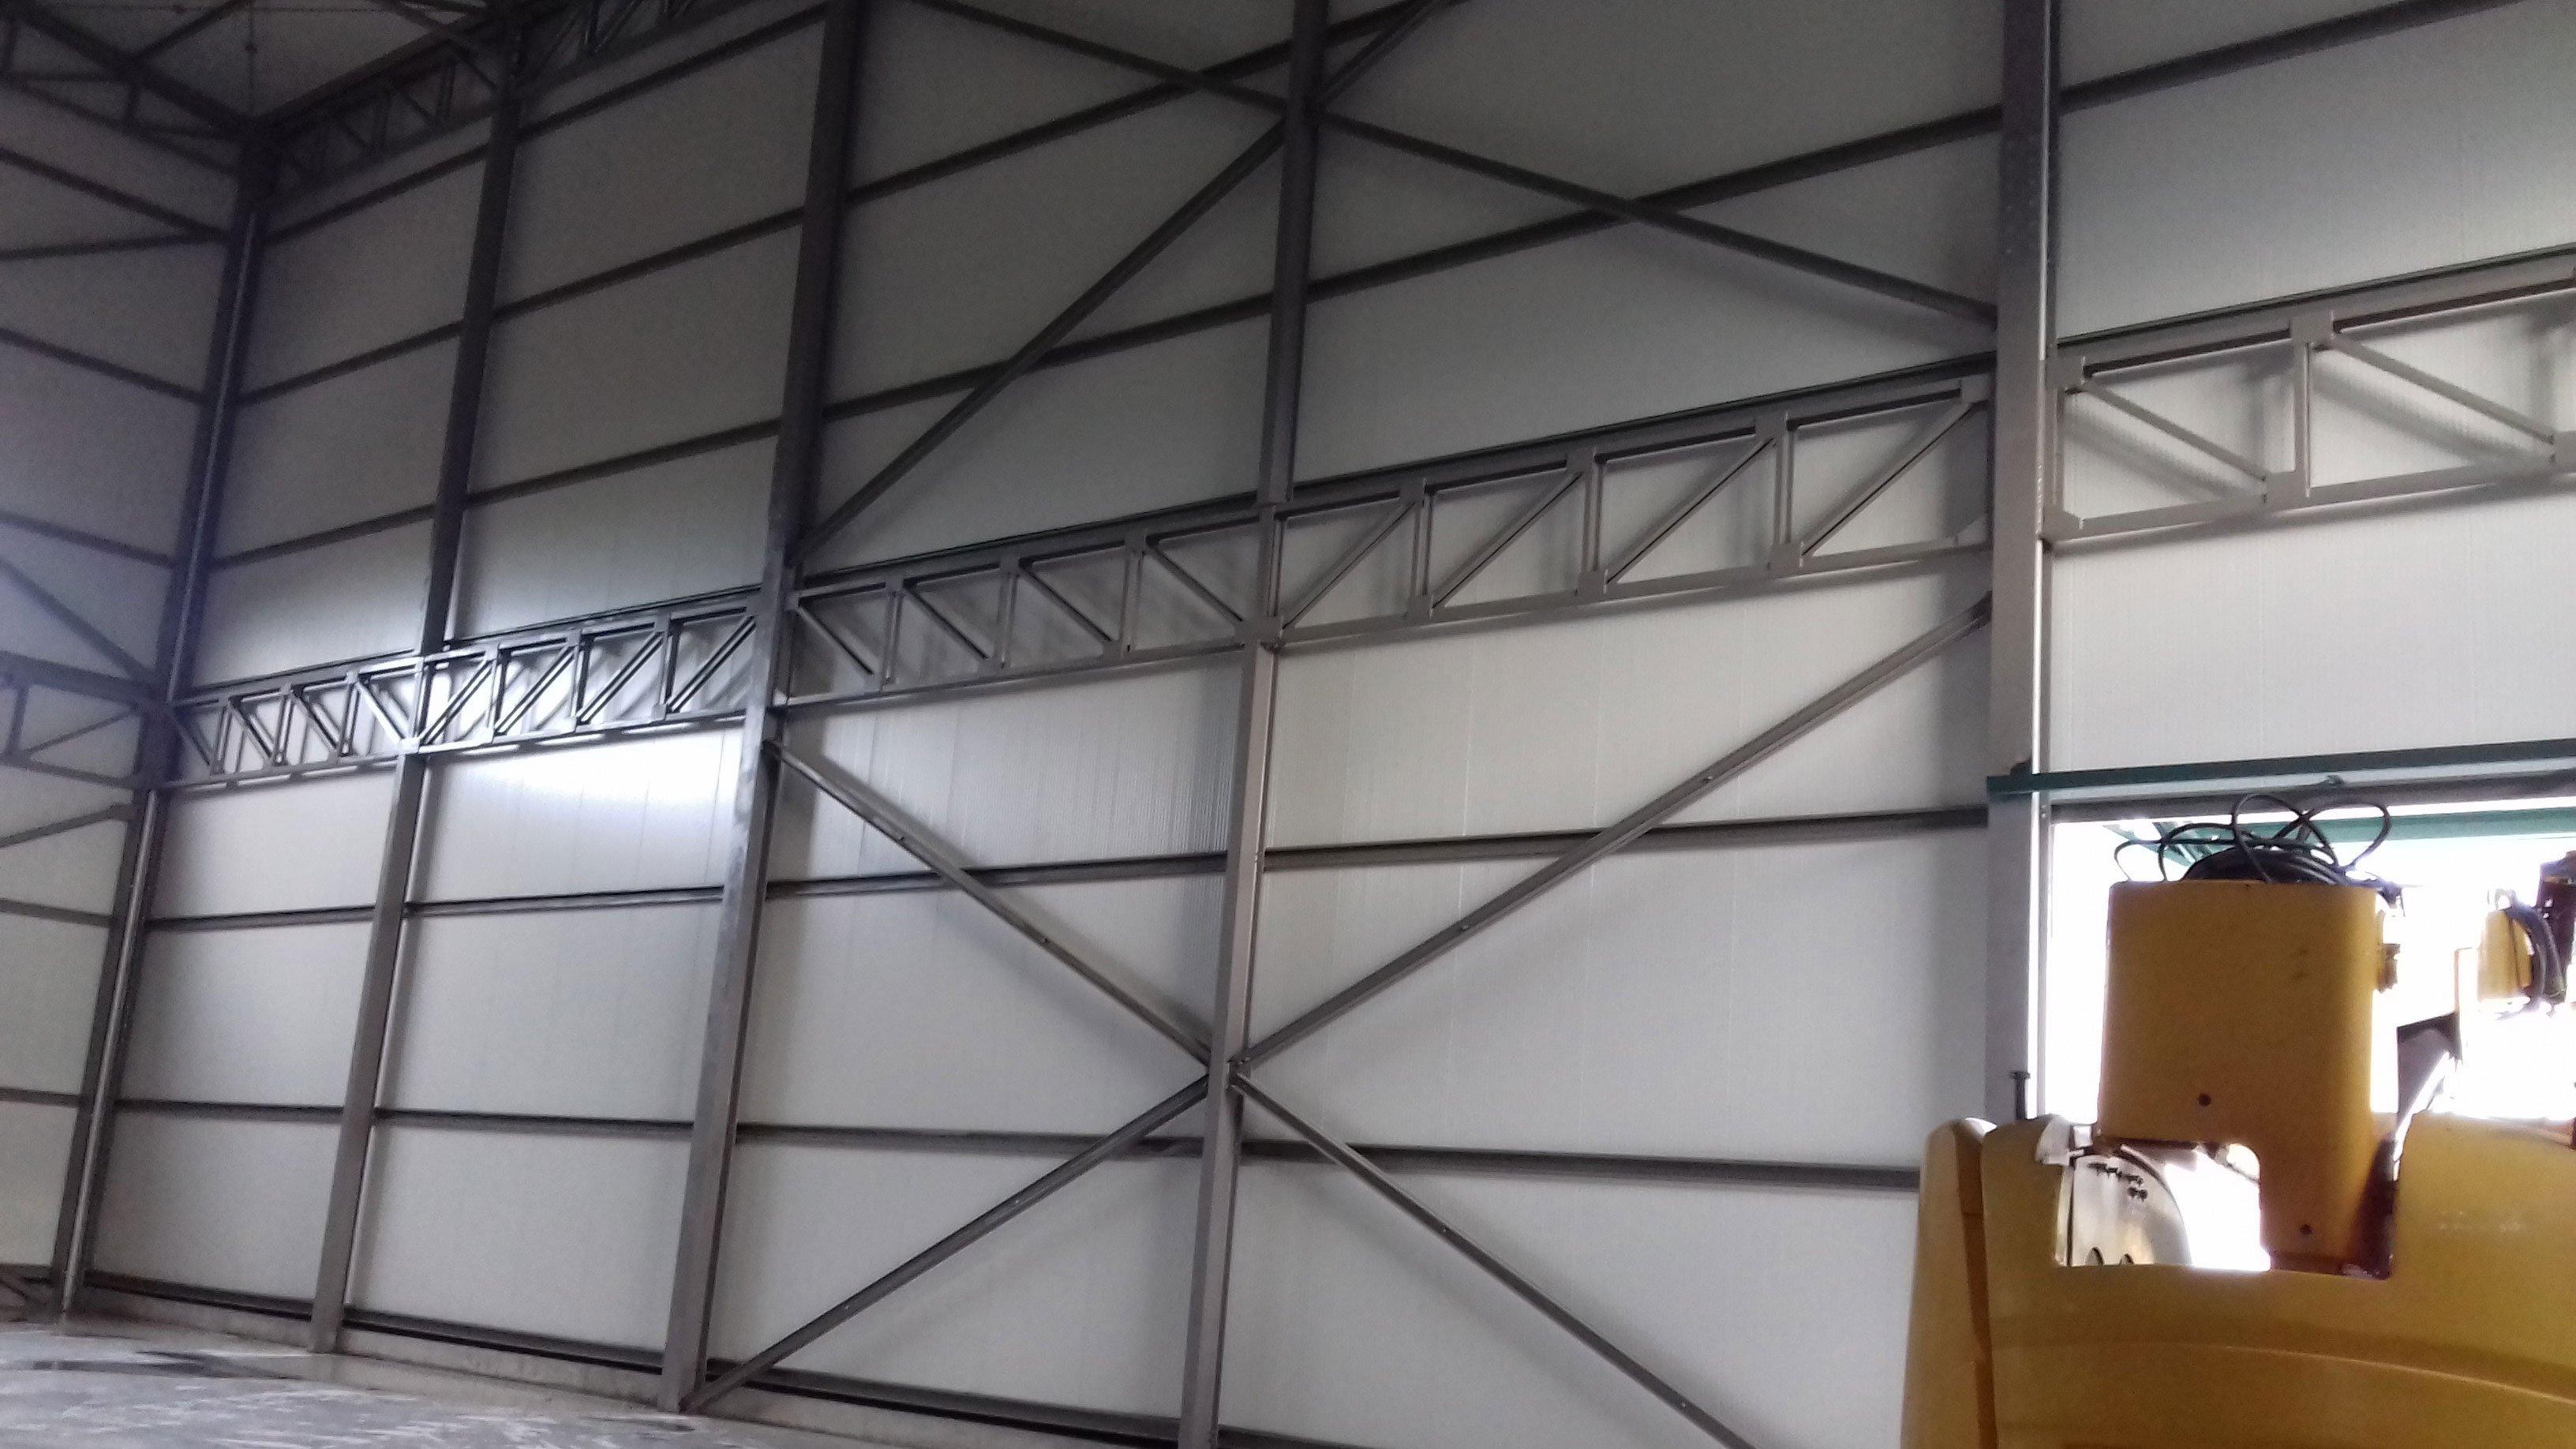 struttura in ferro su una parete dello stabile